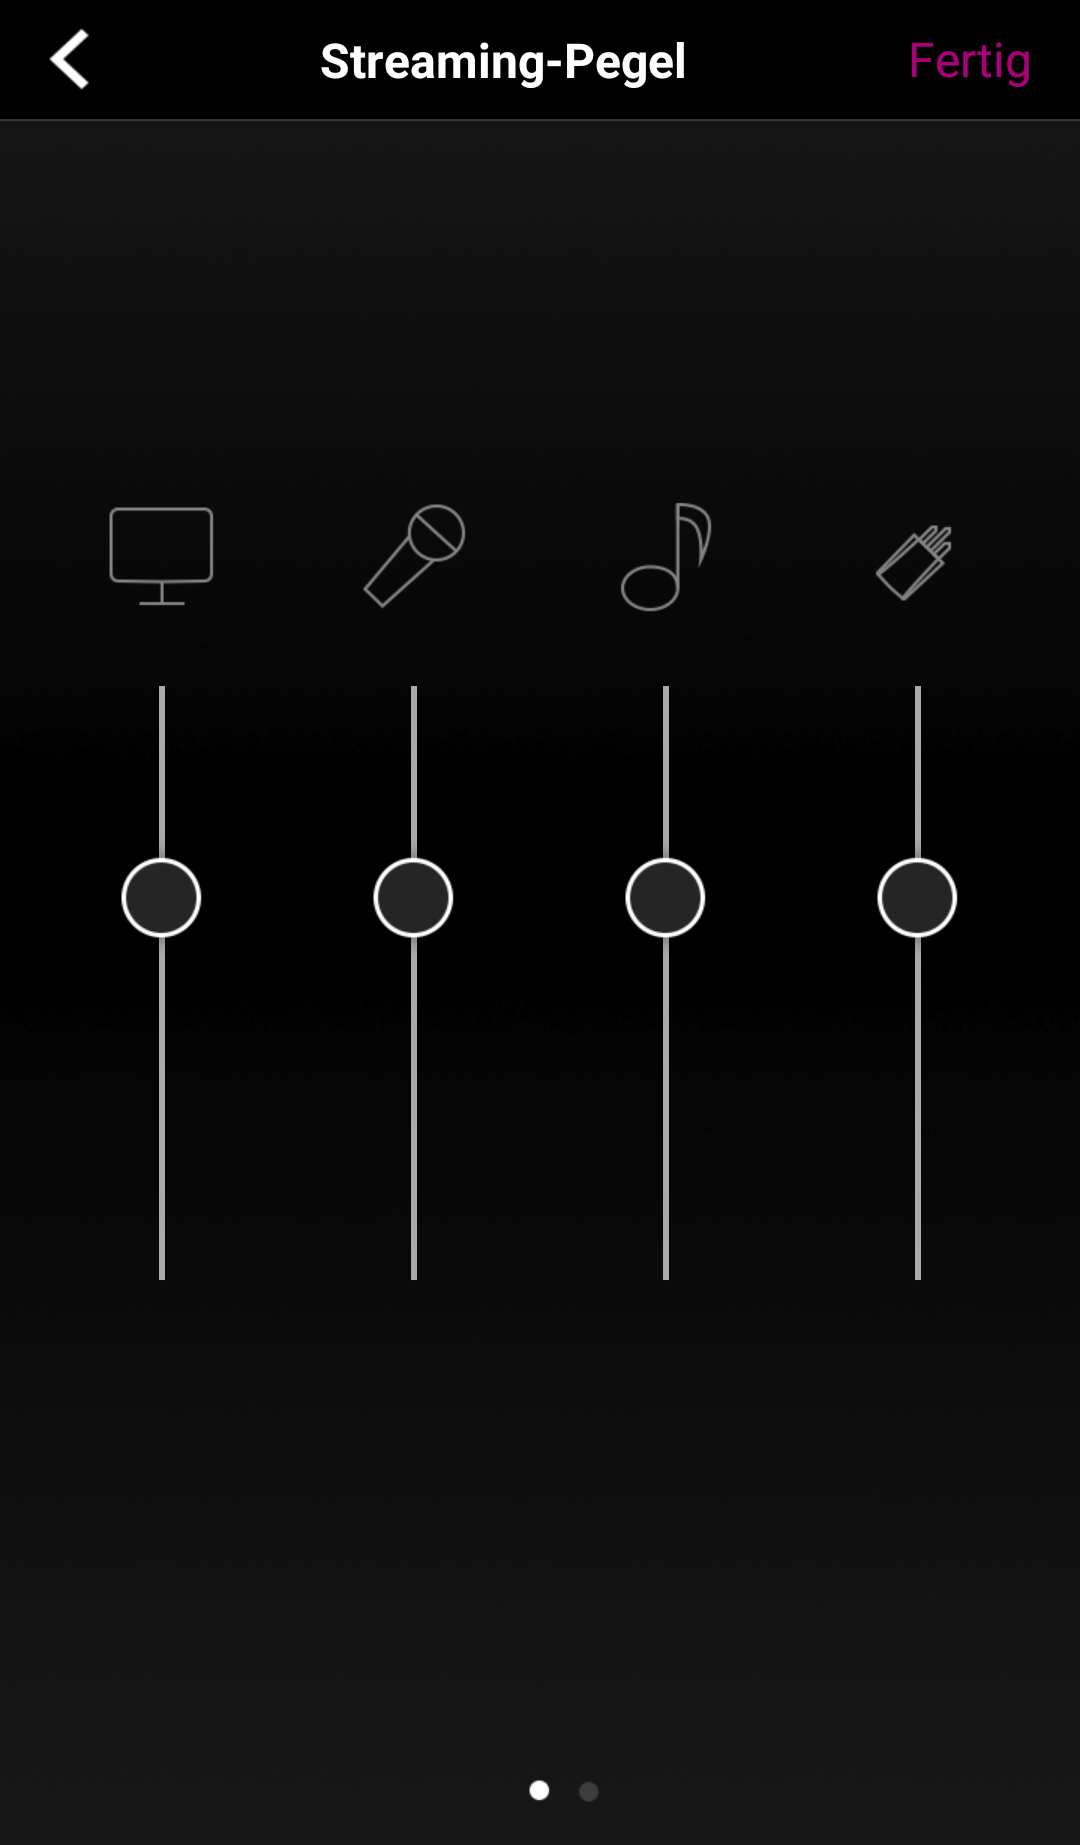 Einstellung der Lautstärke für die verschiedenen Audio-Quellen.